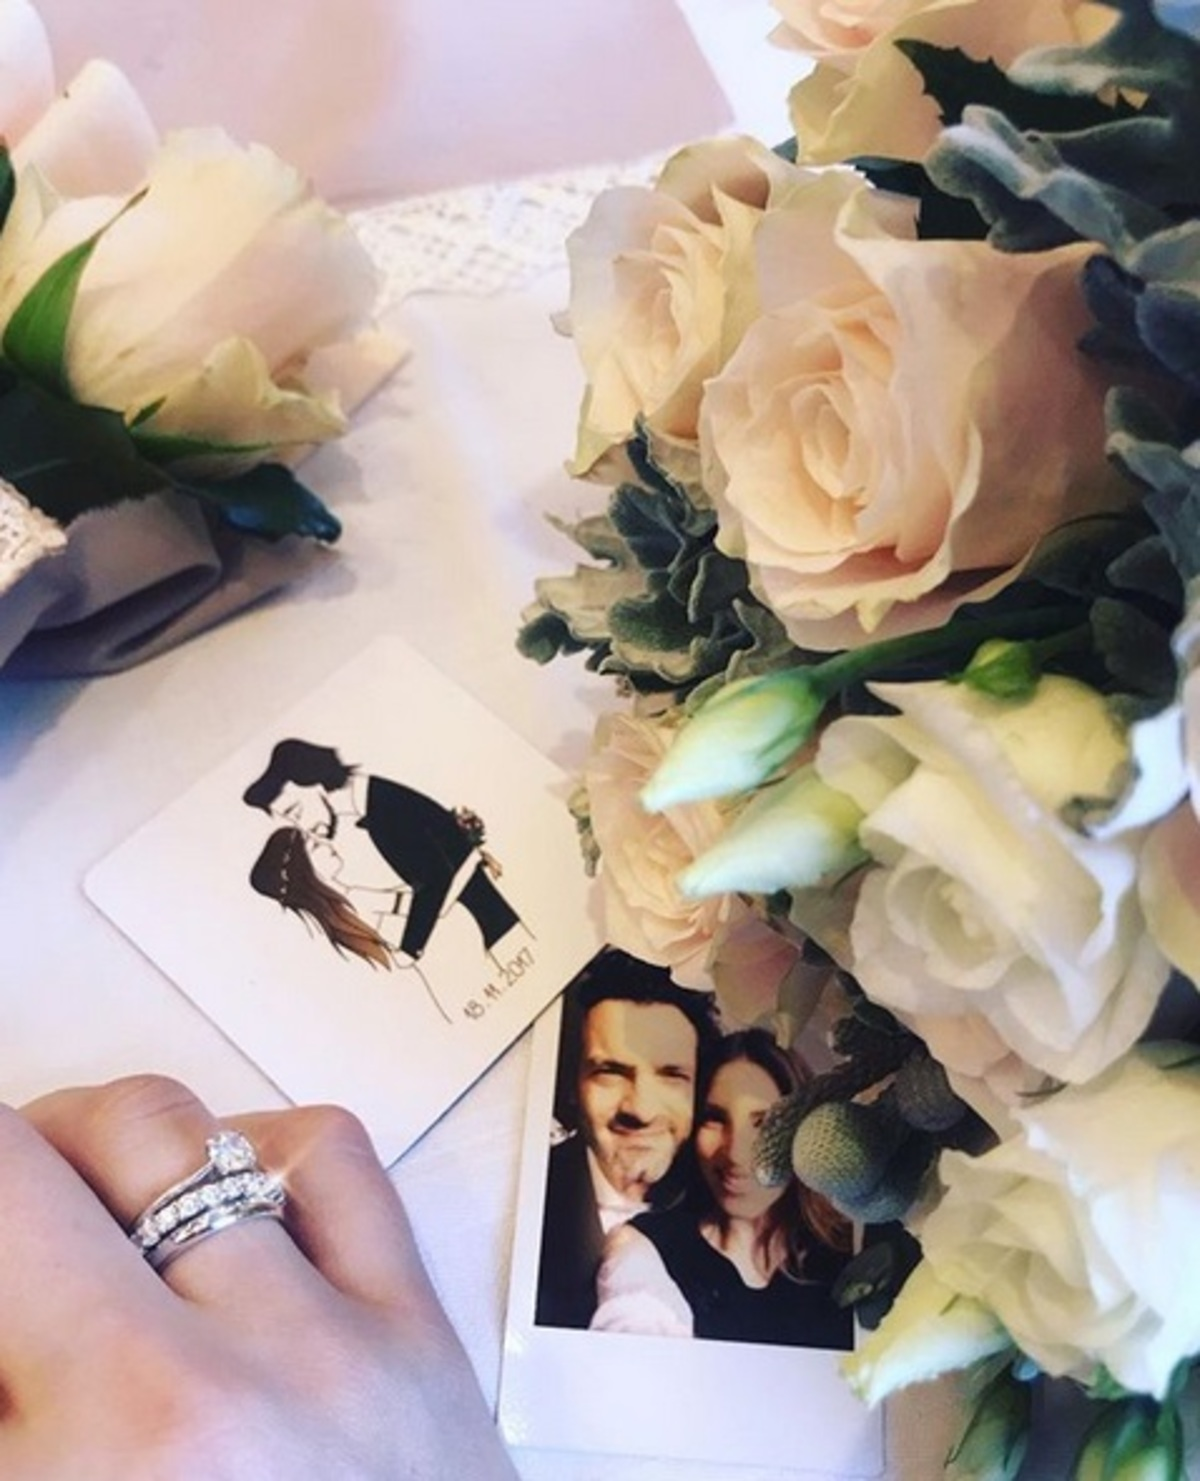 Αθηνά Οικονομάκου: Το πρώτο μήνυμα μετά το γάμο της με τον Φίλιππο Μιχόπουλο | Newsit.gr